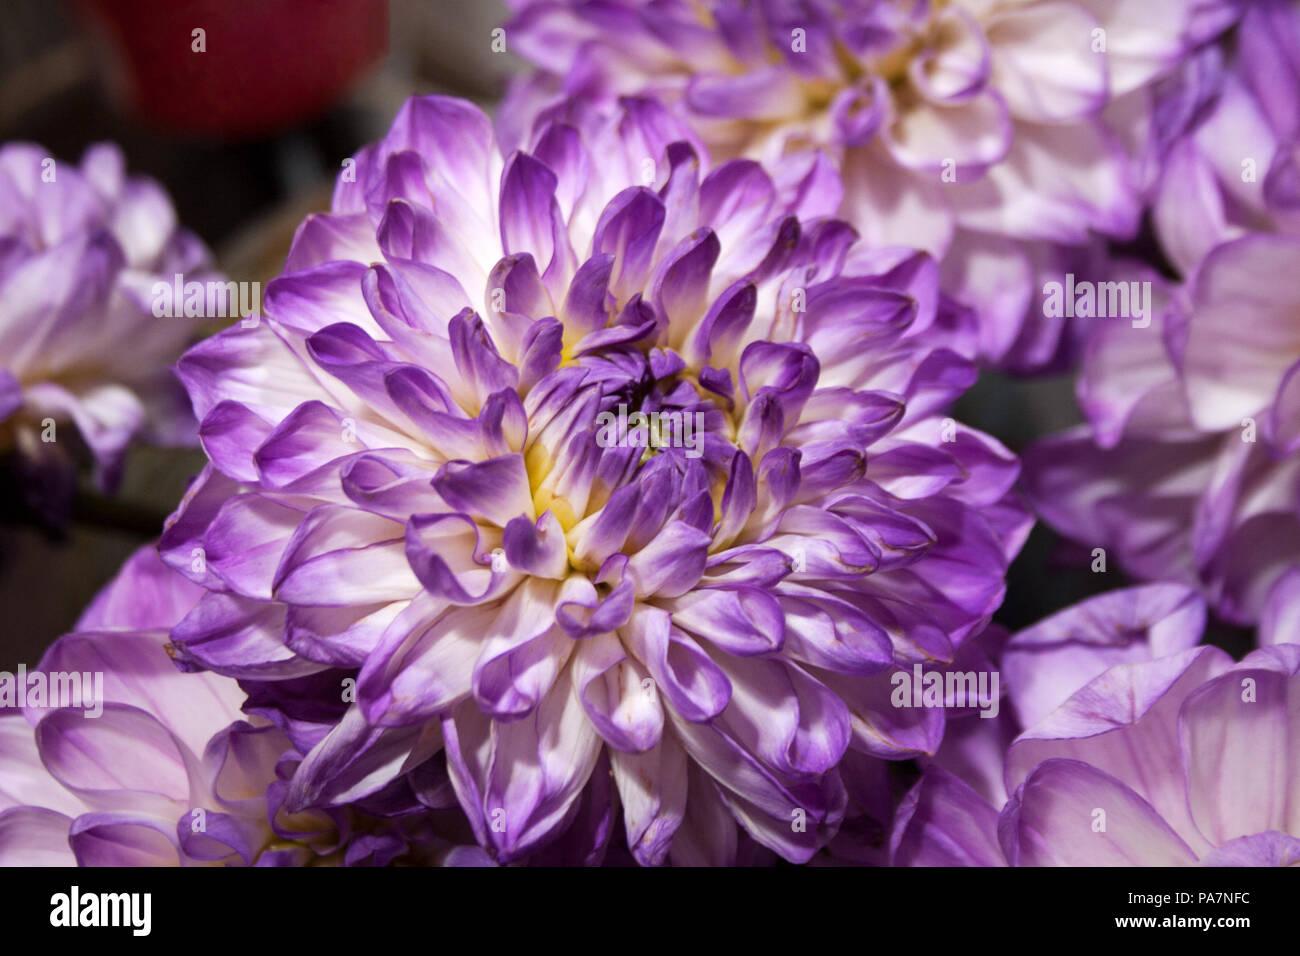 ce1836642b48 Dalia flor con pétalos de color púrpura y blanco cerrar Imagen De Stock